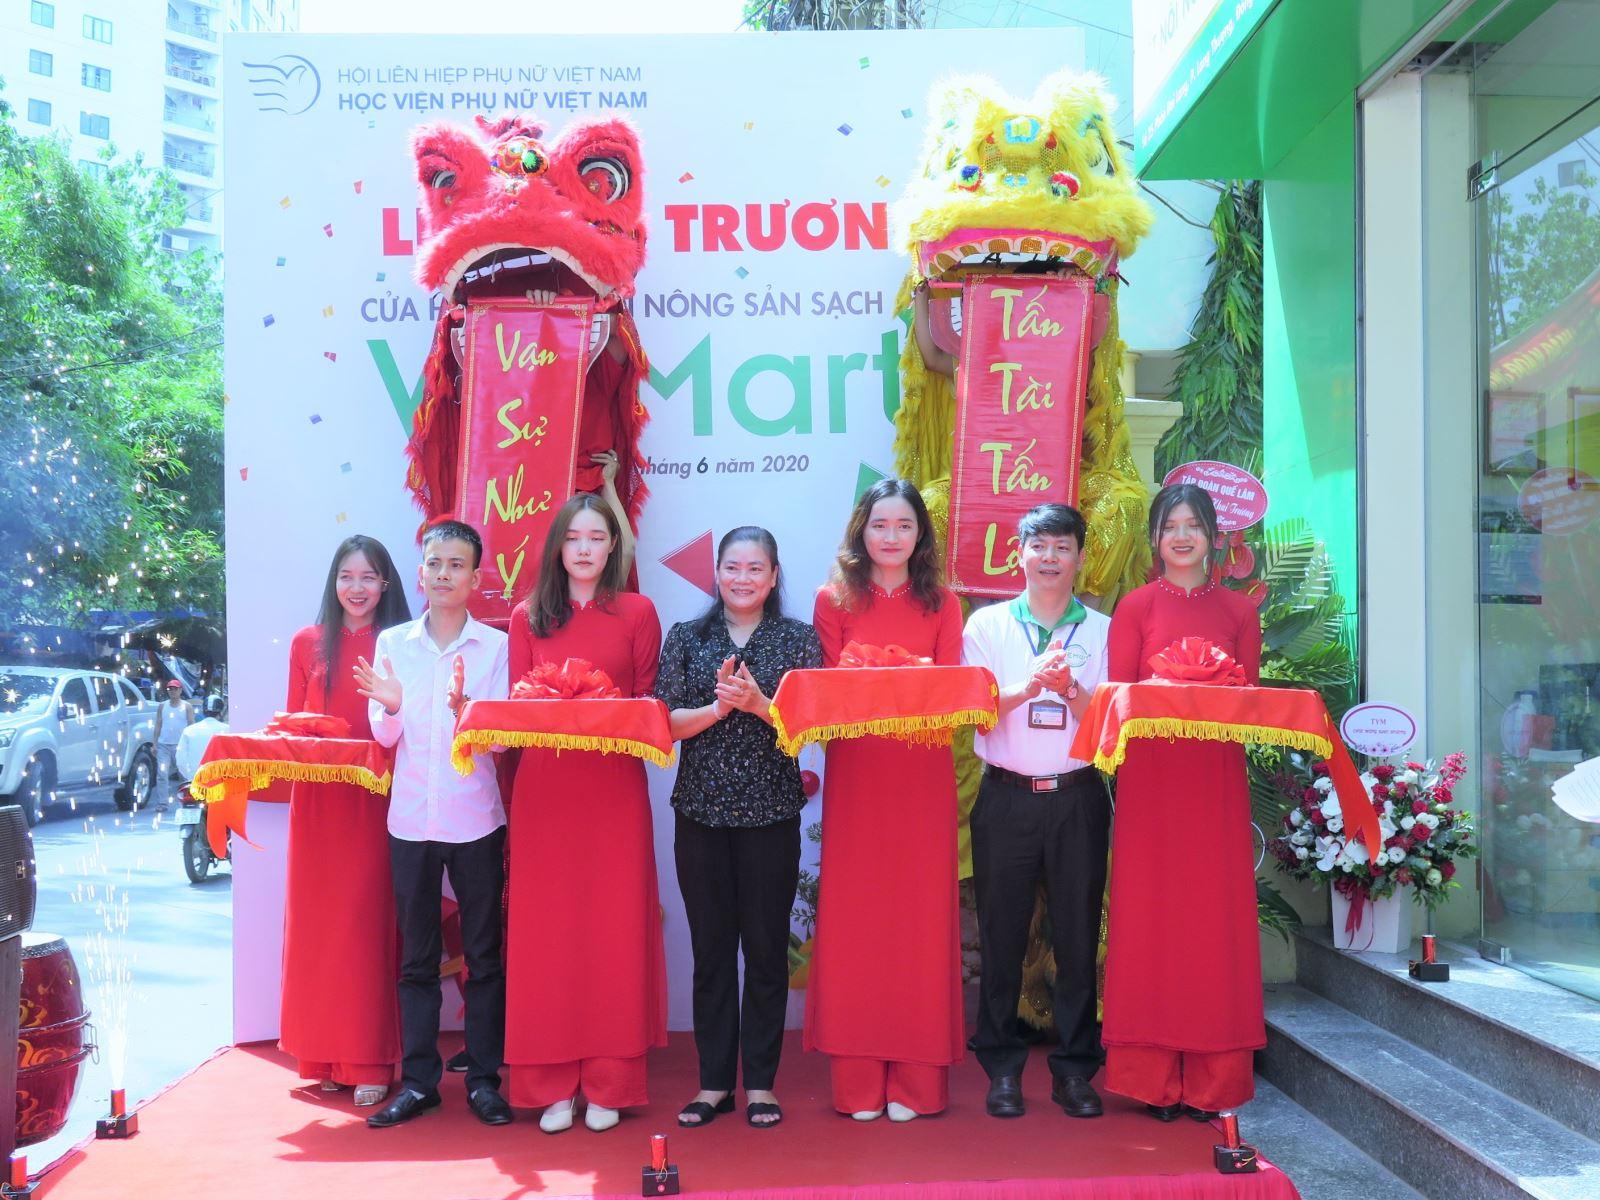 P/s ảnh: Khai trương cửa hàng cung cấp nông sản sạch WEmart